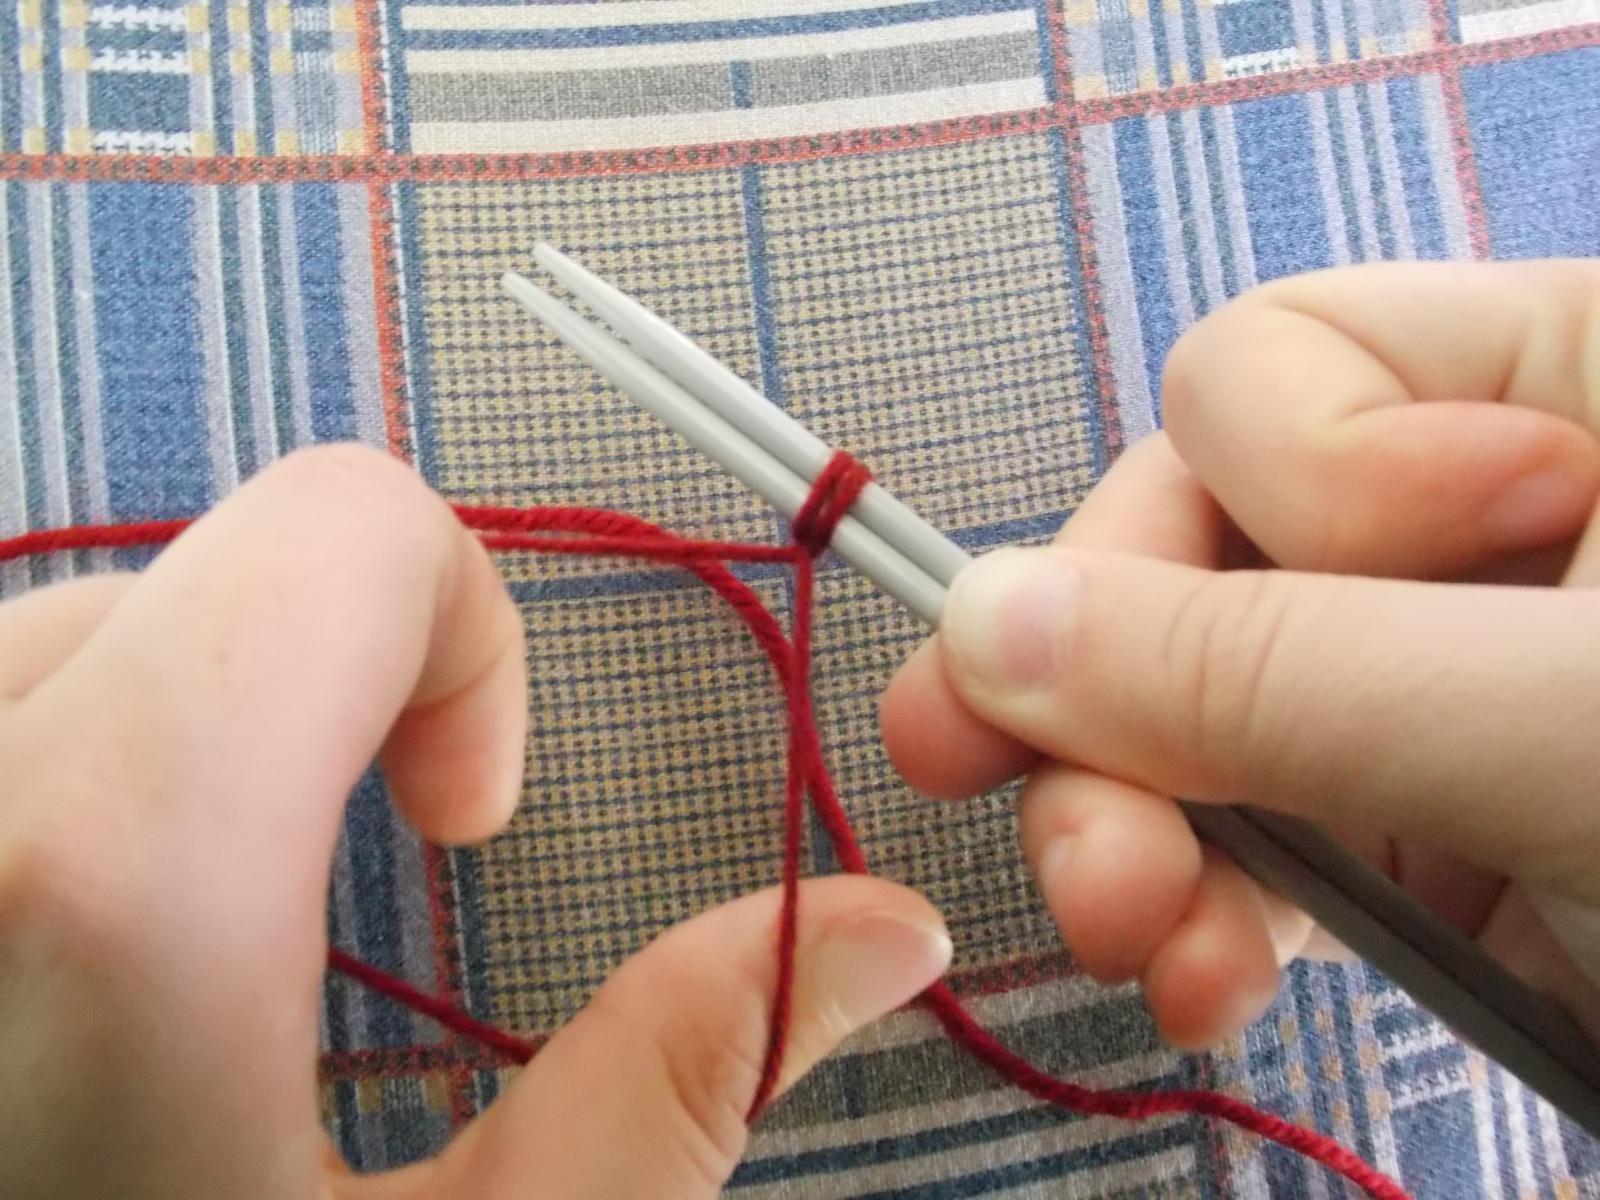 Закончилась нить для вязания